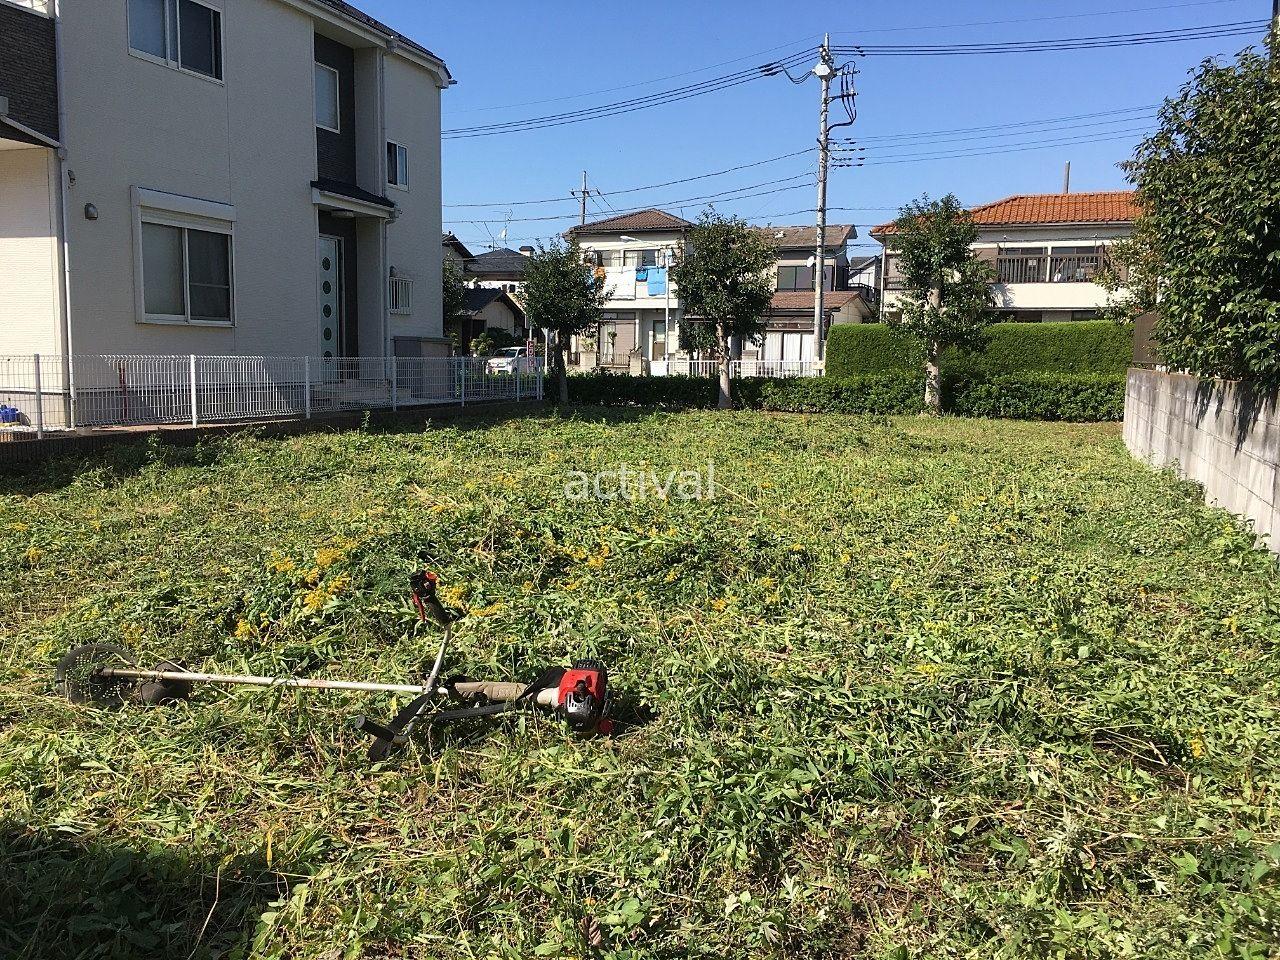 敷地いっぱいに伸びていた雑草を当社が引き渡し前に除草(草刈り)作業をした土地です。売主様に代わってこのような売却に必要なこともサポートします。